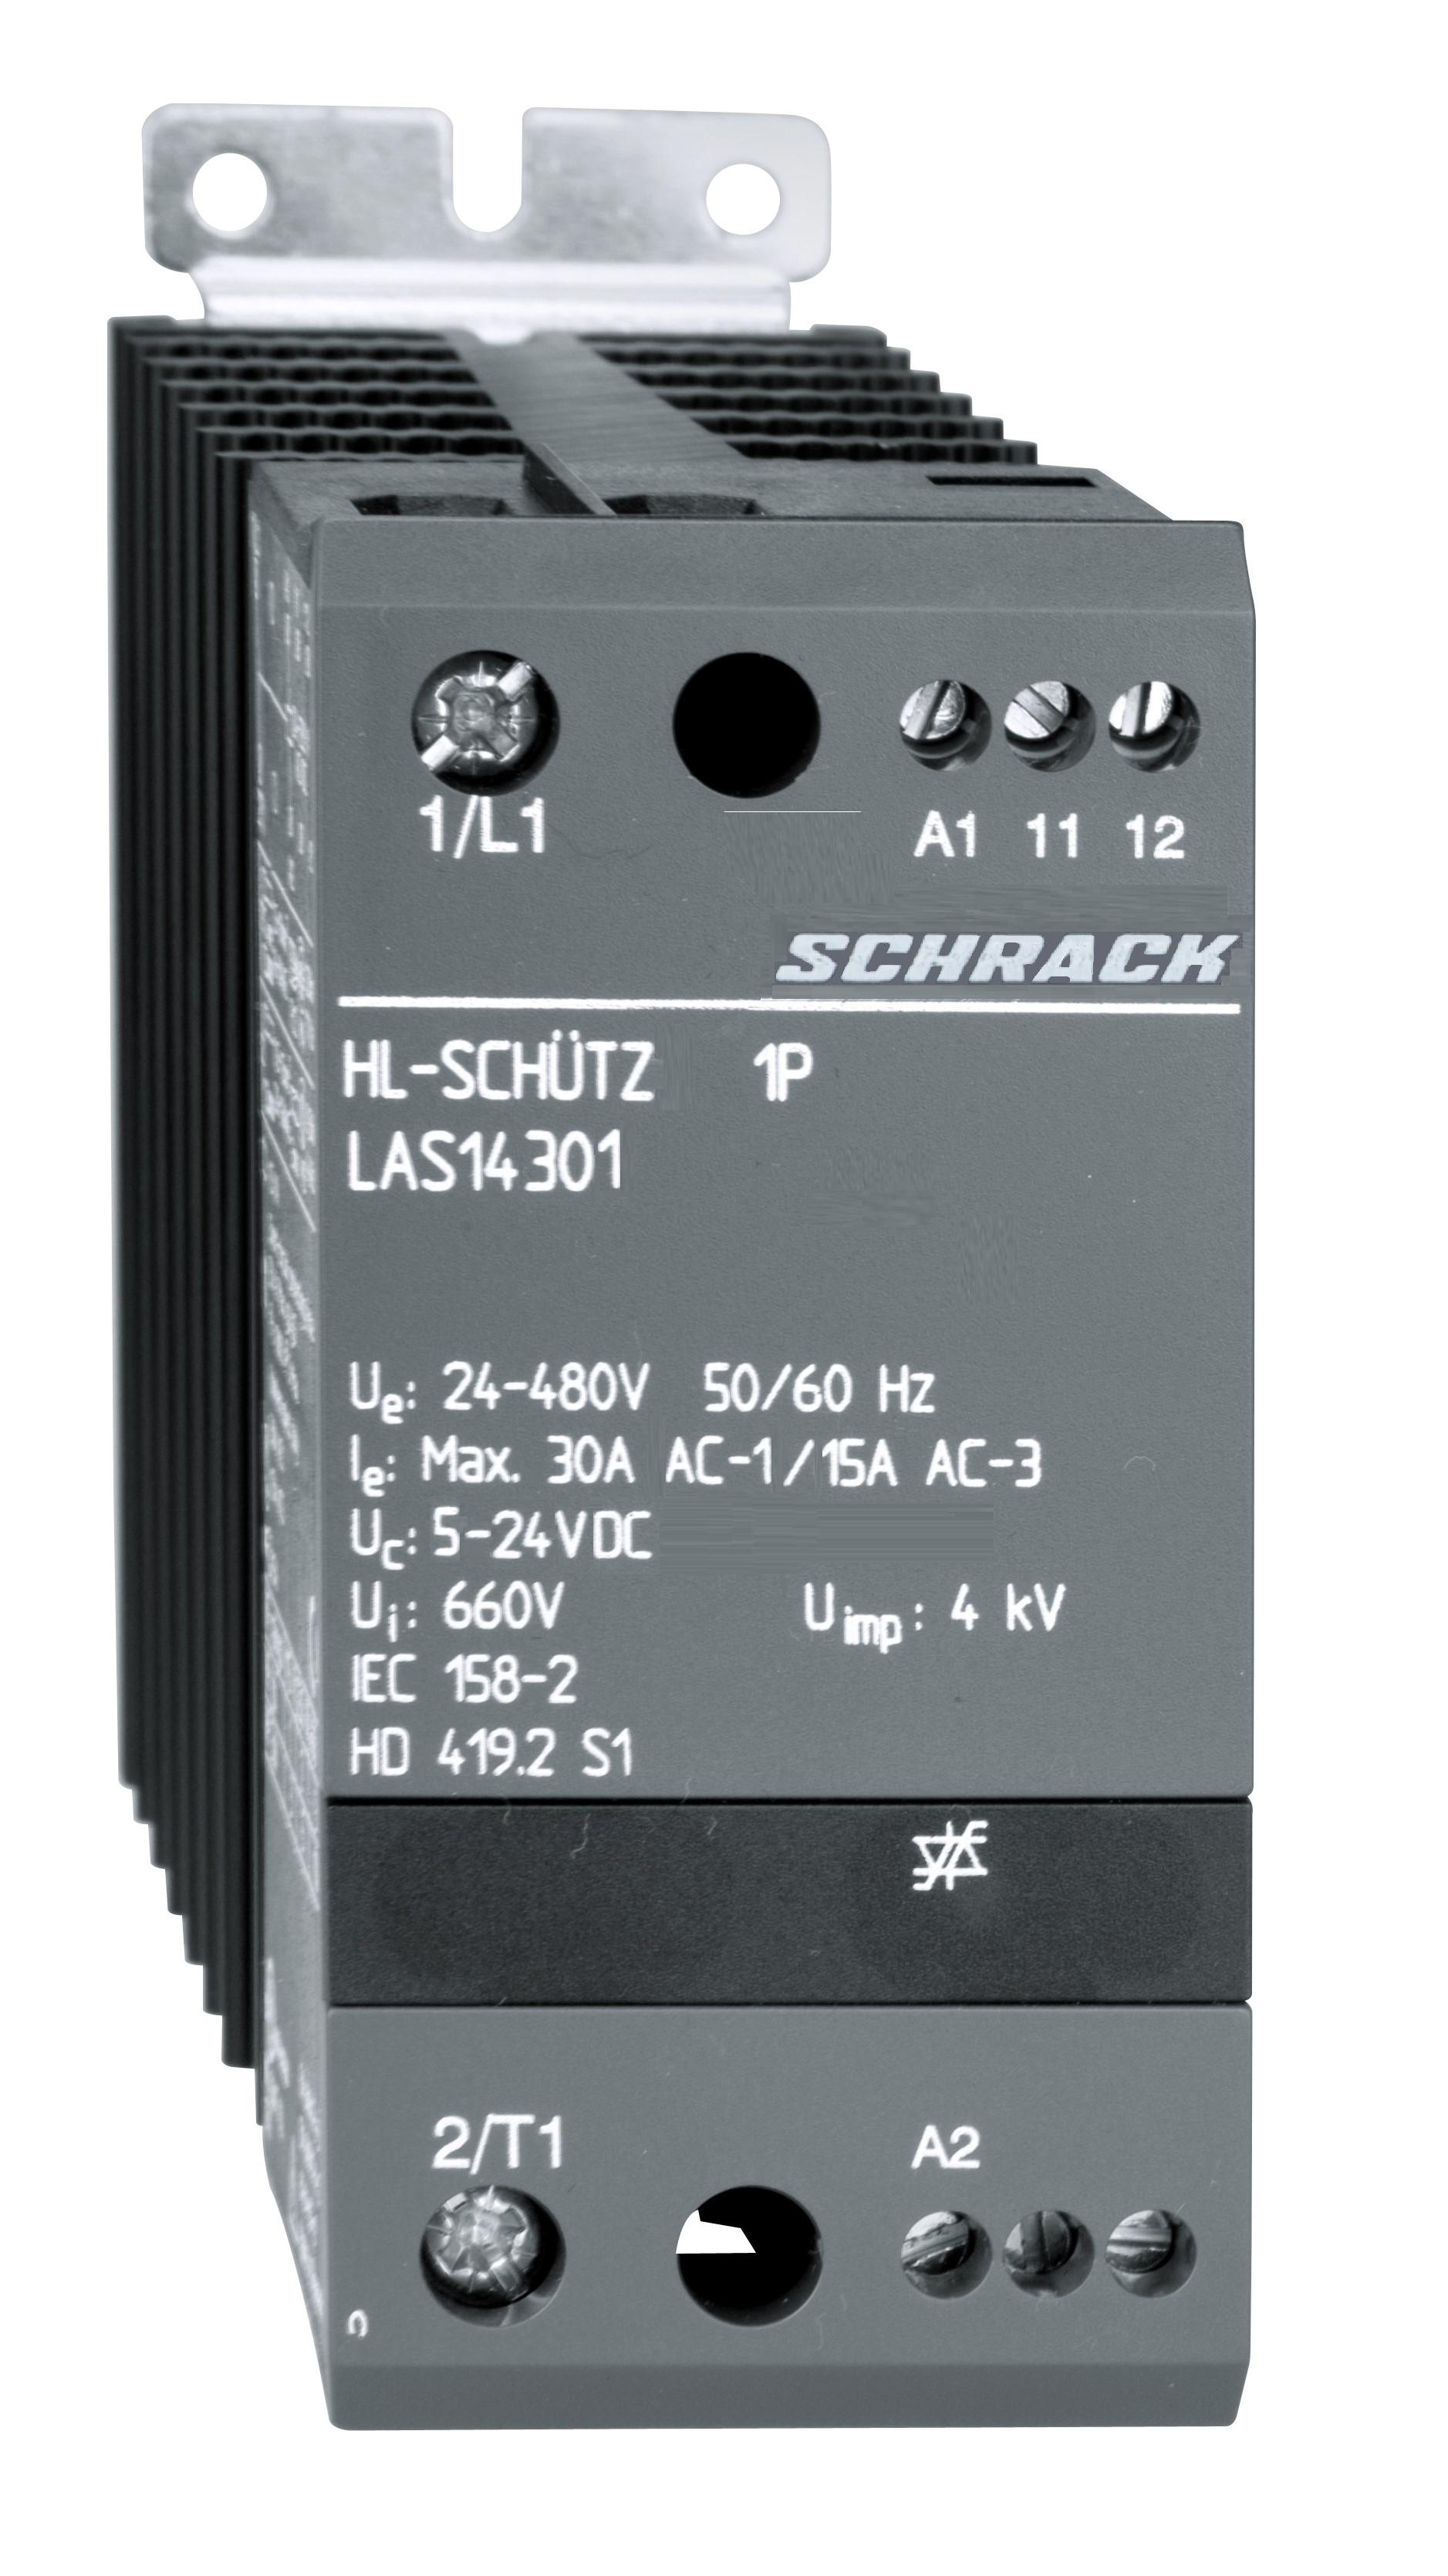 1 Stk Halbleiterschütz 1-polig 30A/24-480VAC, 5-24VDC LAS14301--